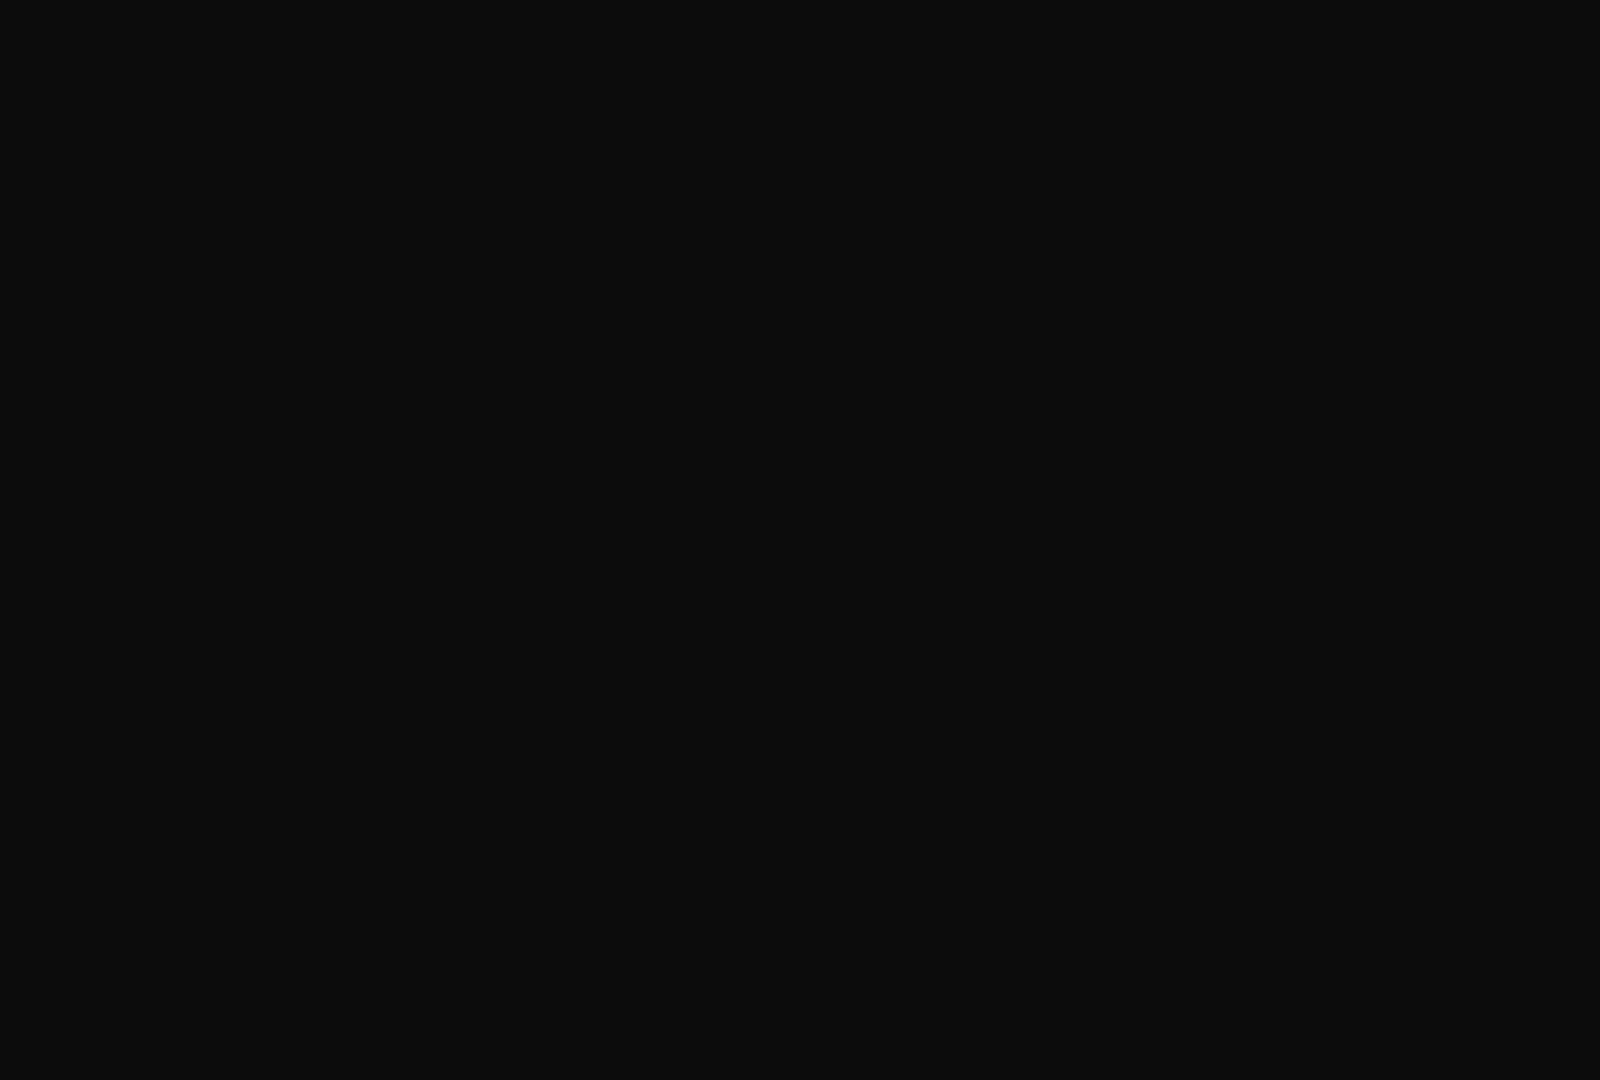 充血監督の深夜の運動会Vol.55 ギャル  107枚 97